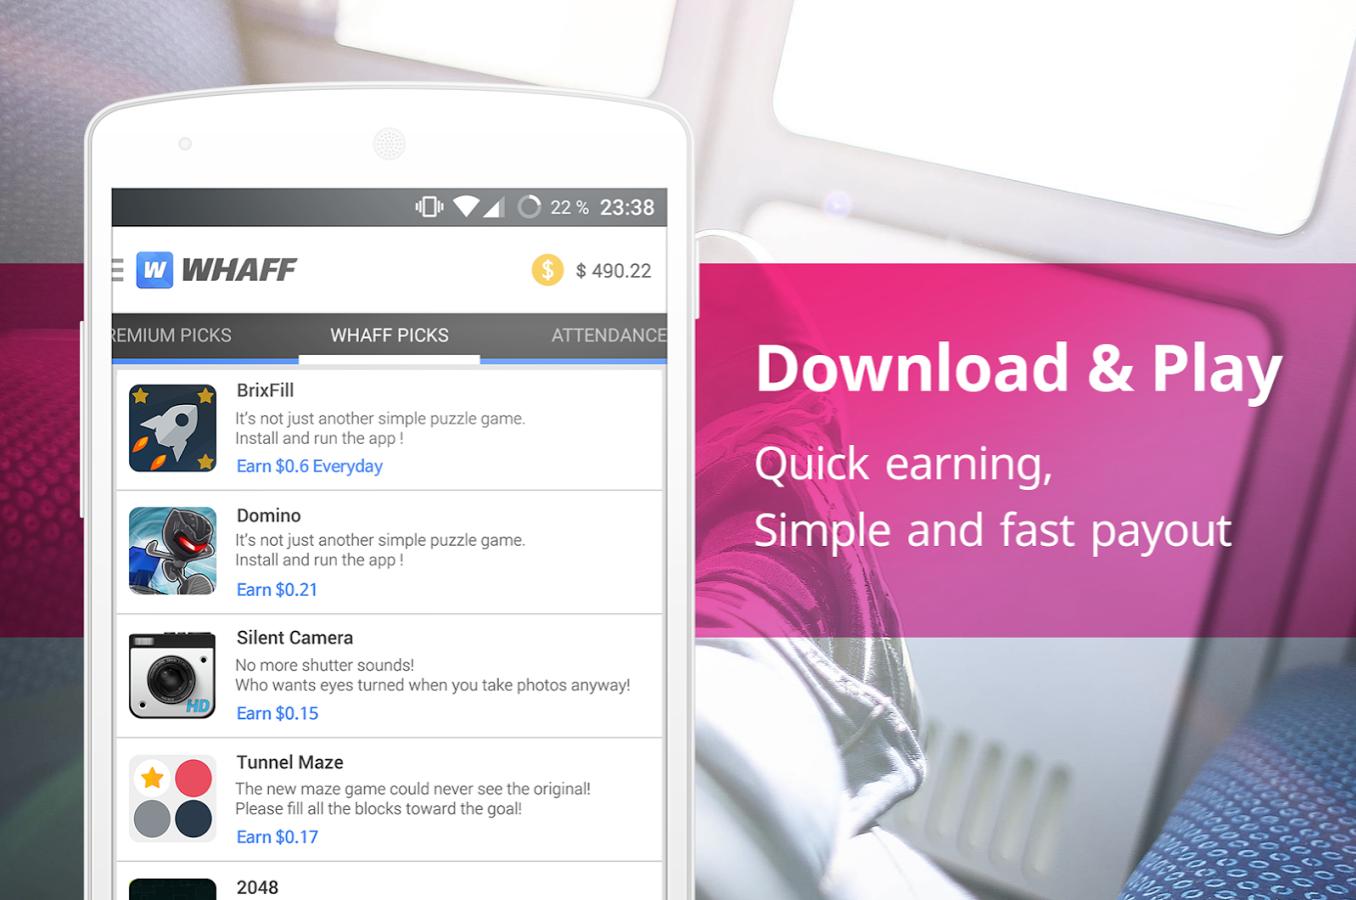 WHAFF Rewards app